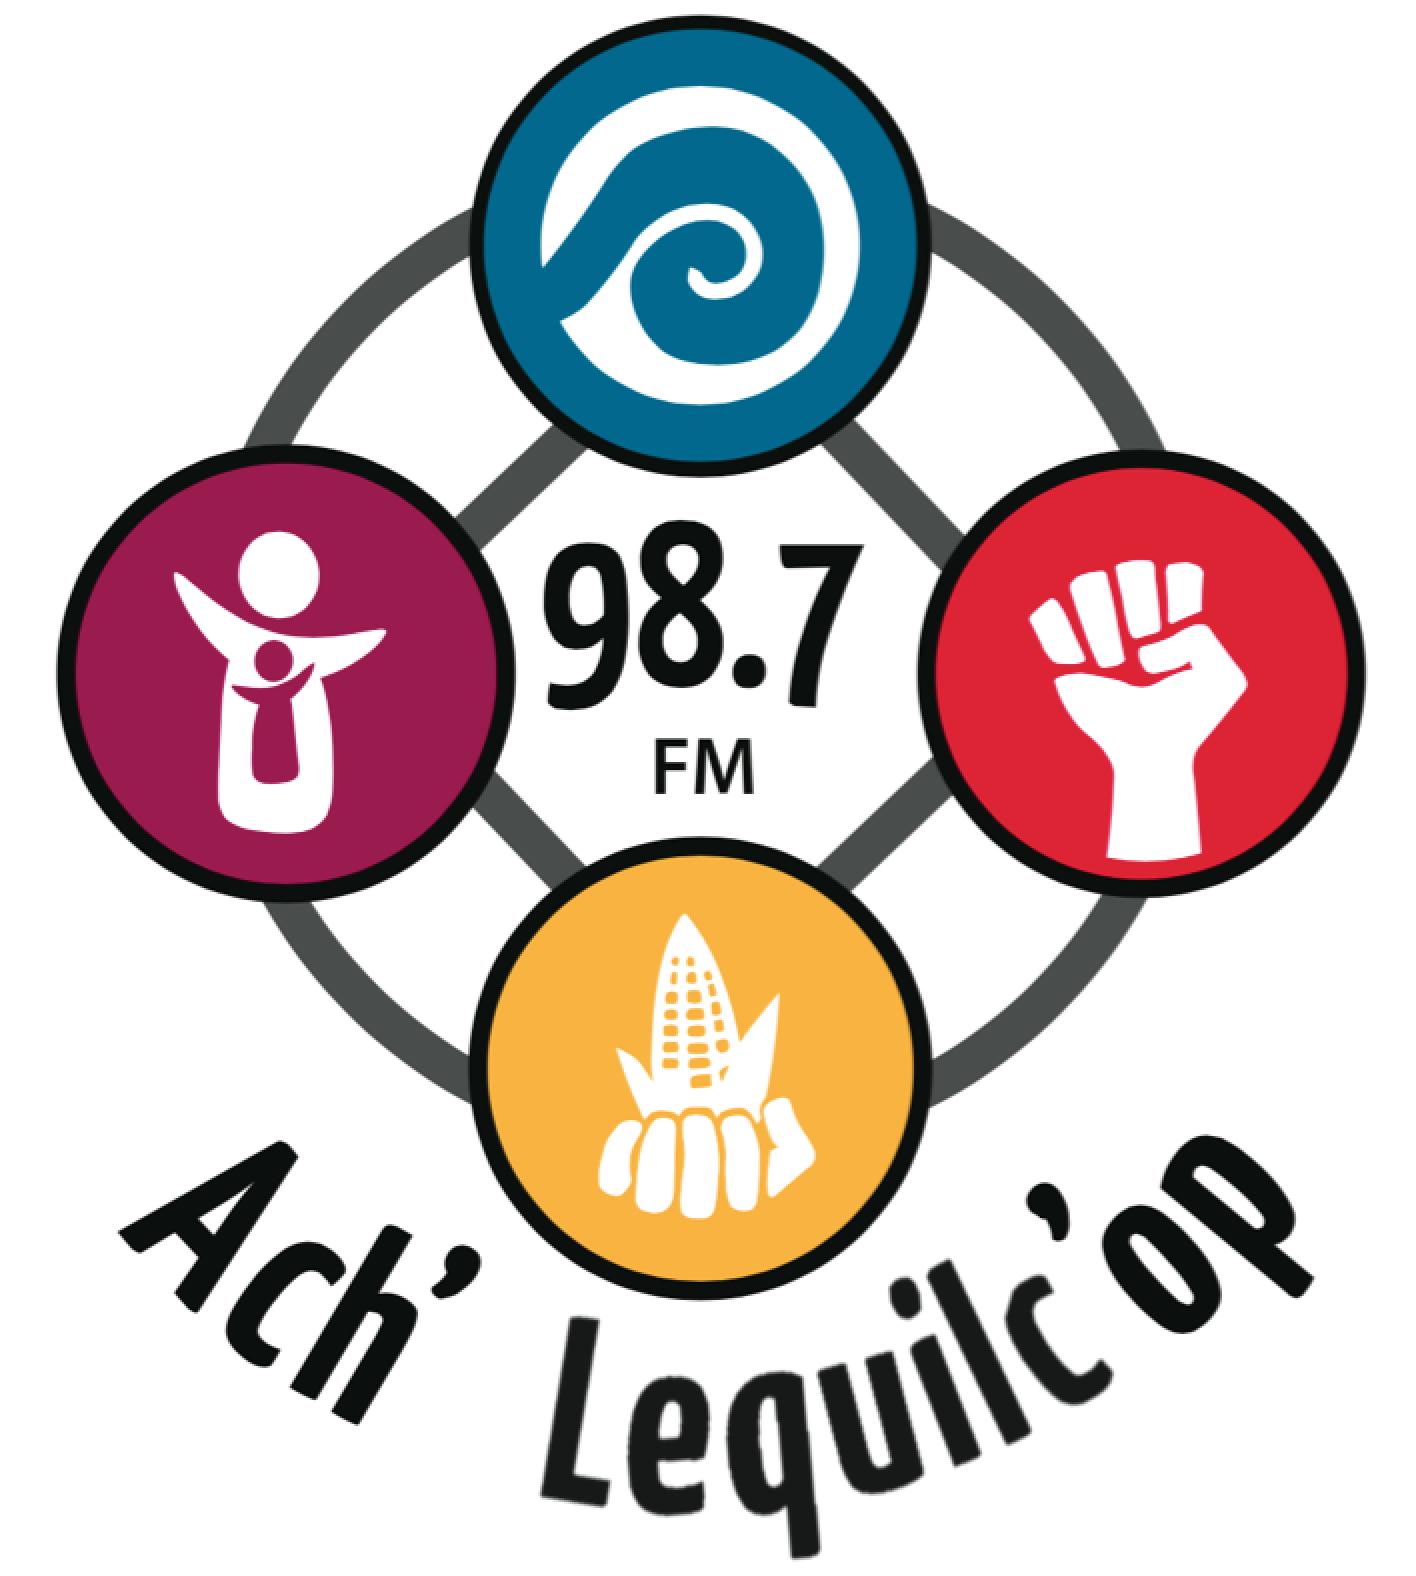 Resultado de imagen para Radio Ach' Lequilc'op